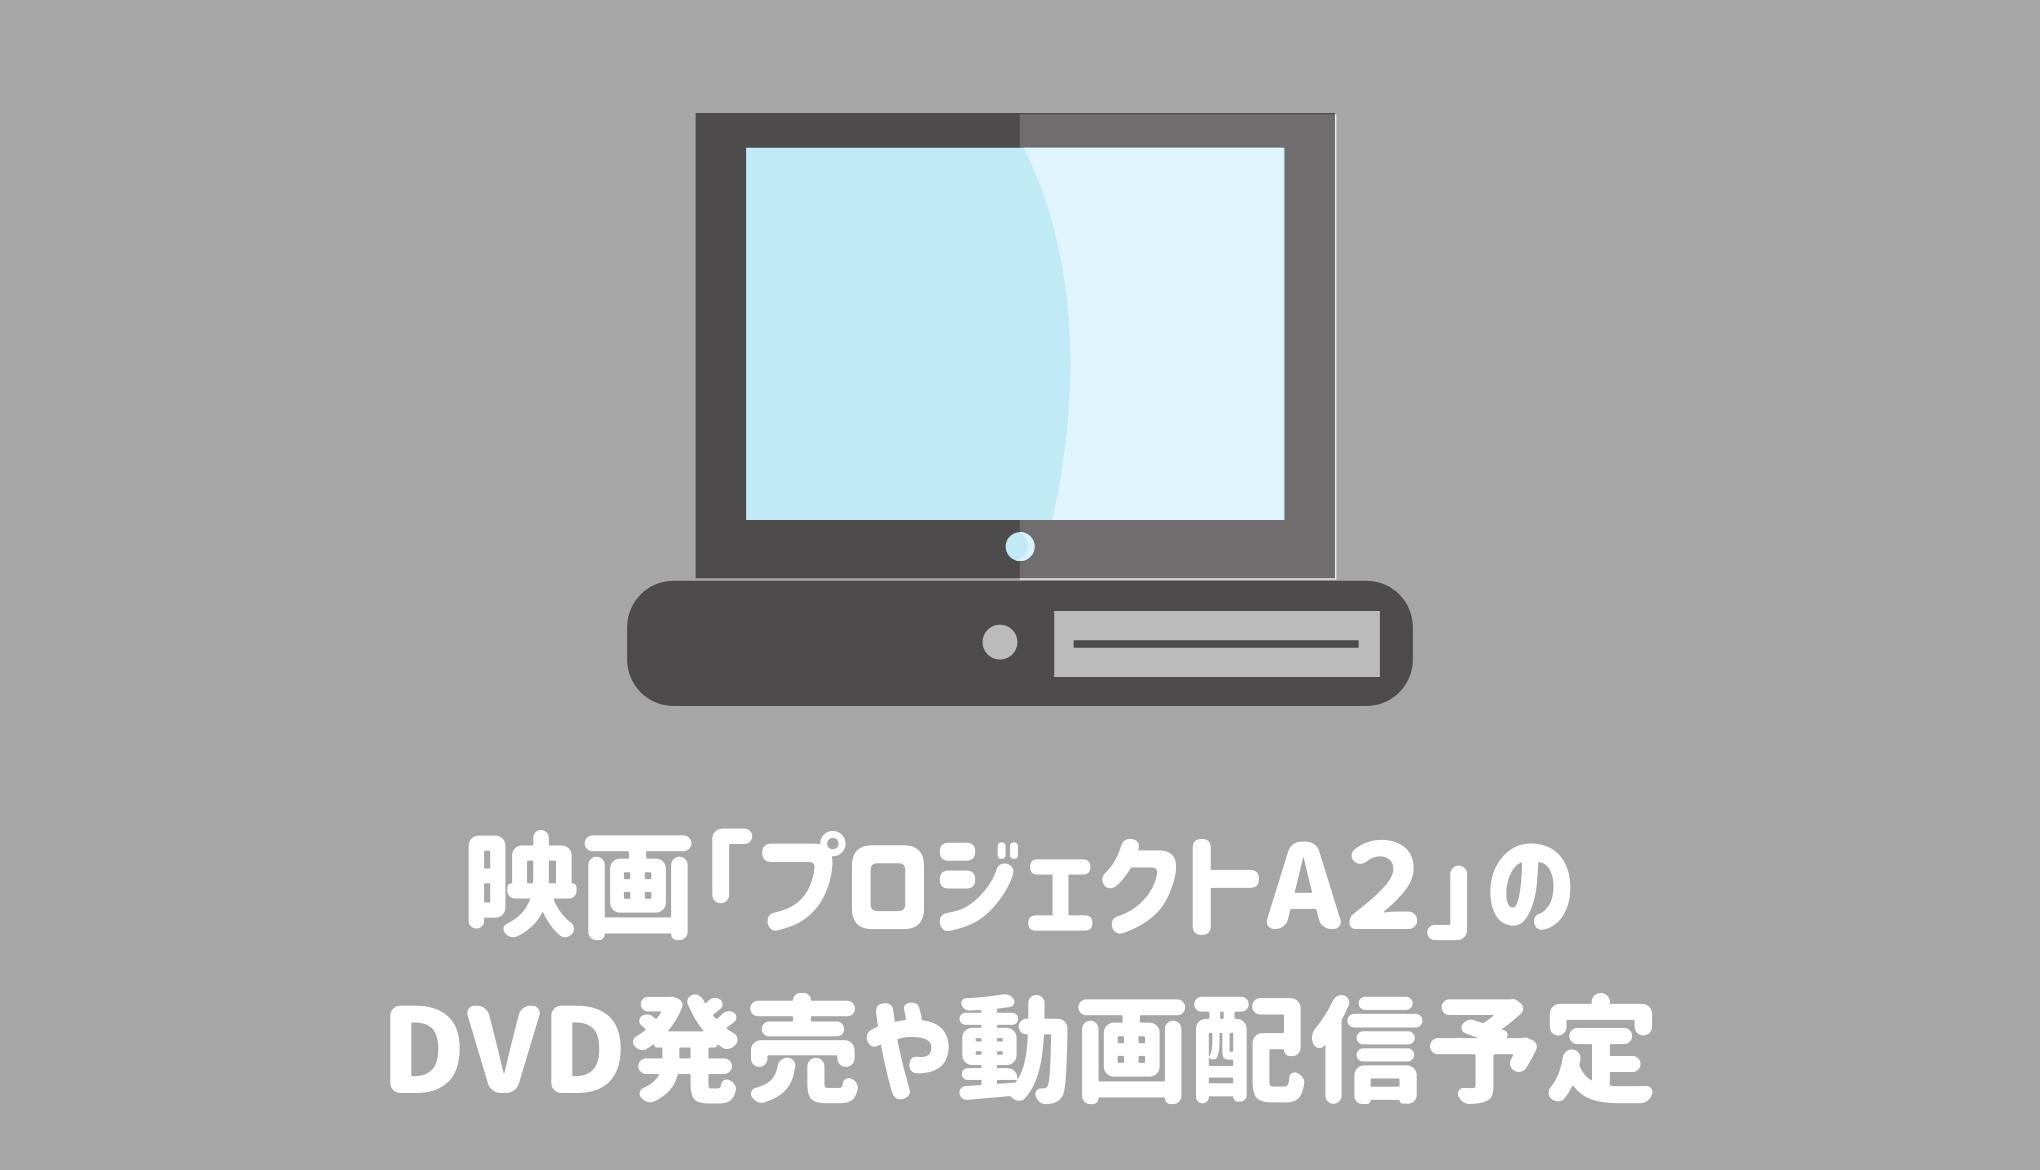 映画「プロジェクトA2」のDVD発売や動画配信予定をチェック